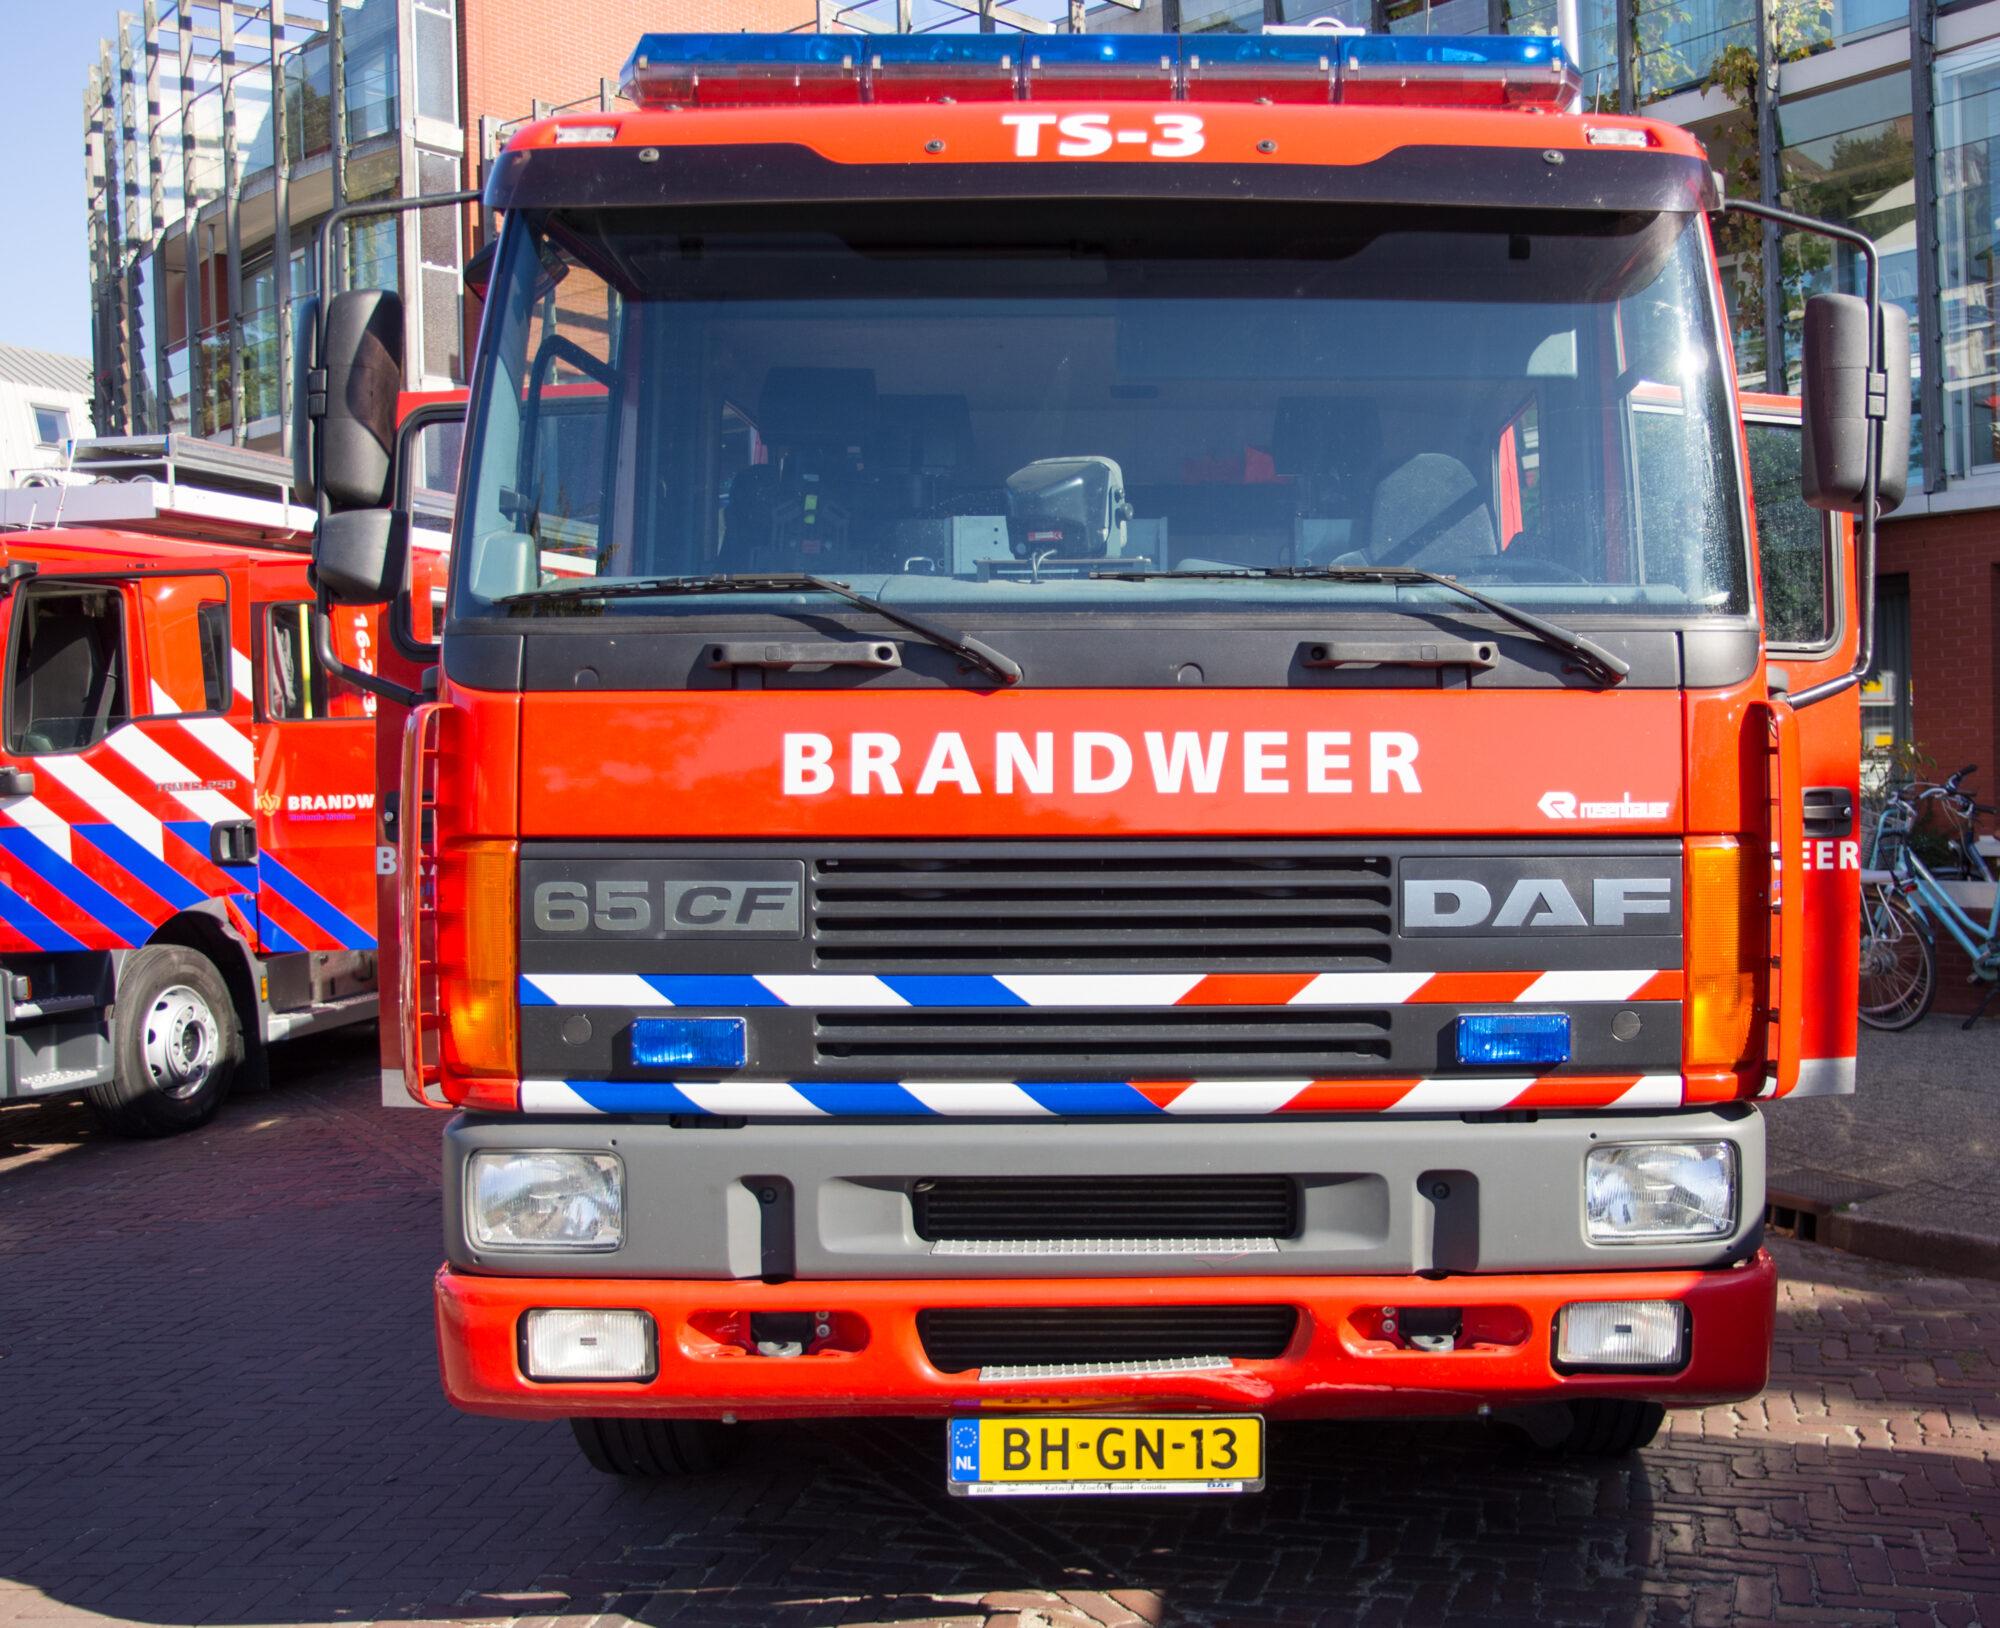 Brandweer Oene organiseert brandweerwedstrijden